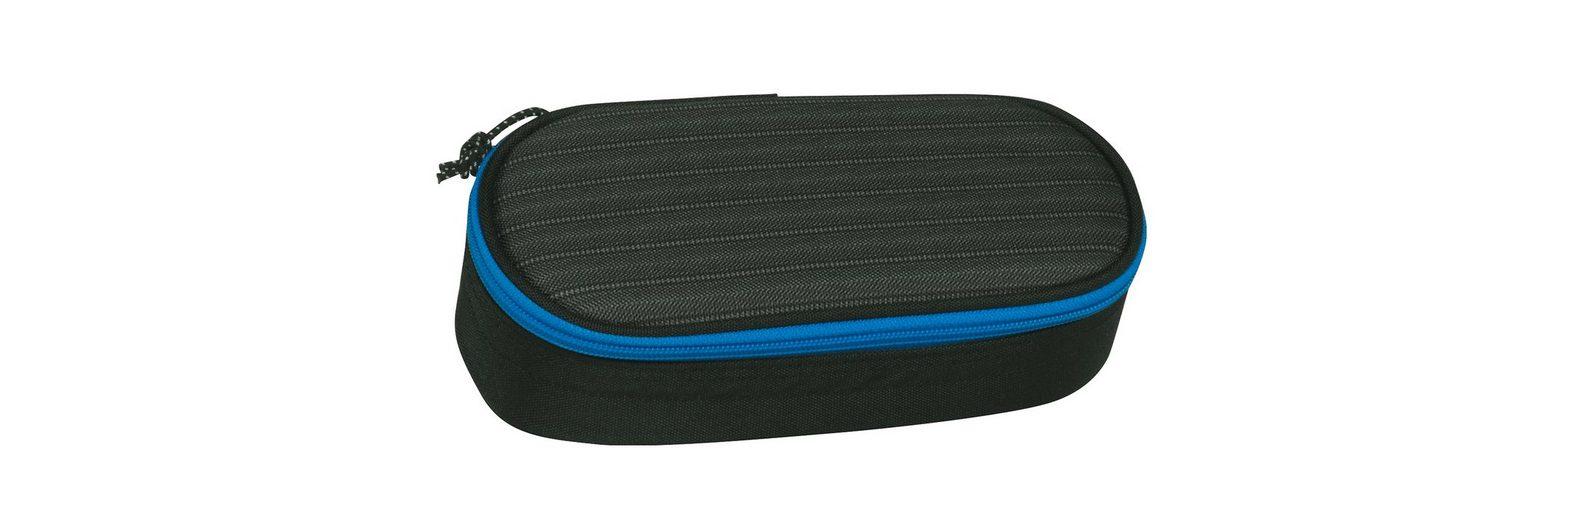 TAKE IT EASY® Mäppchen, »Etuibox XL Tweed«